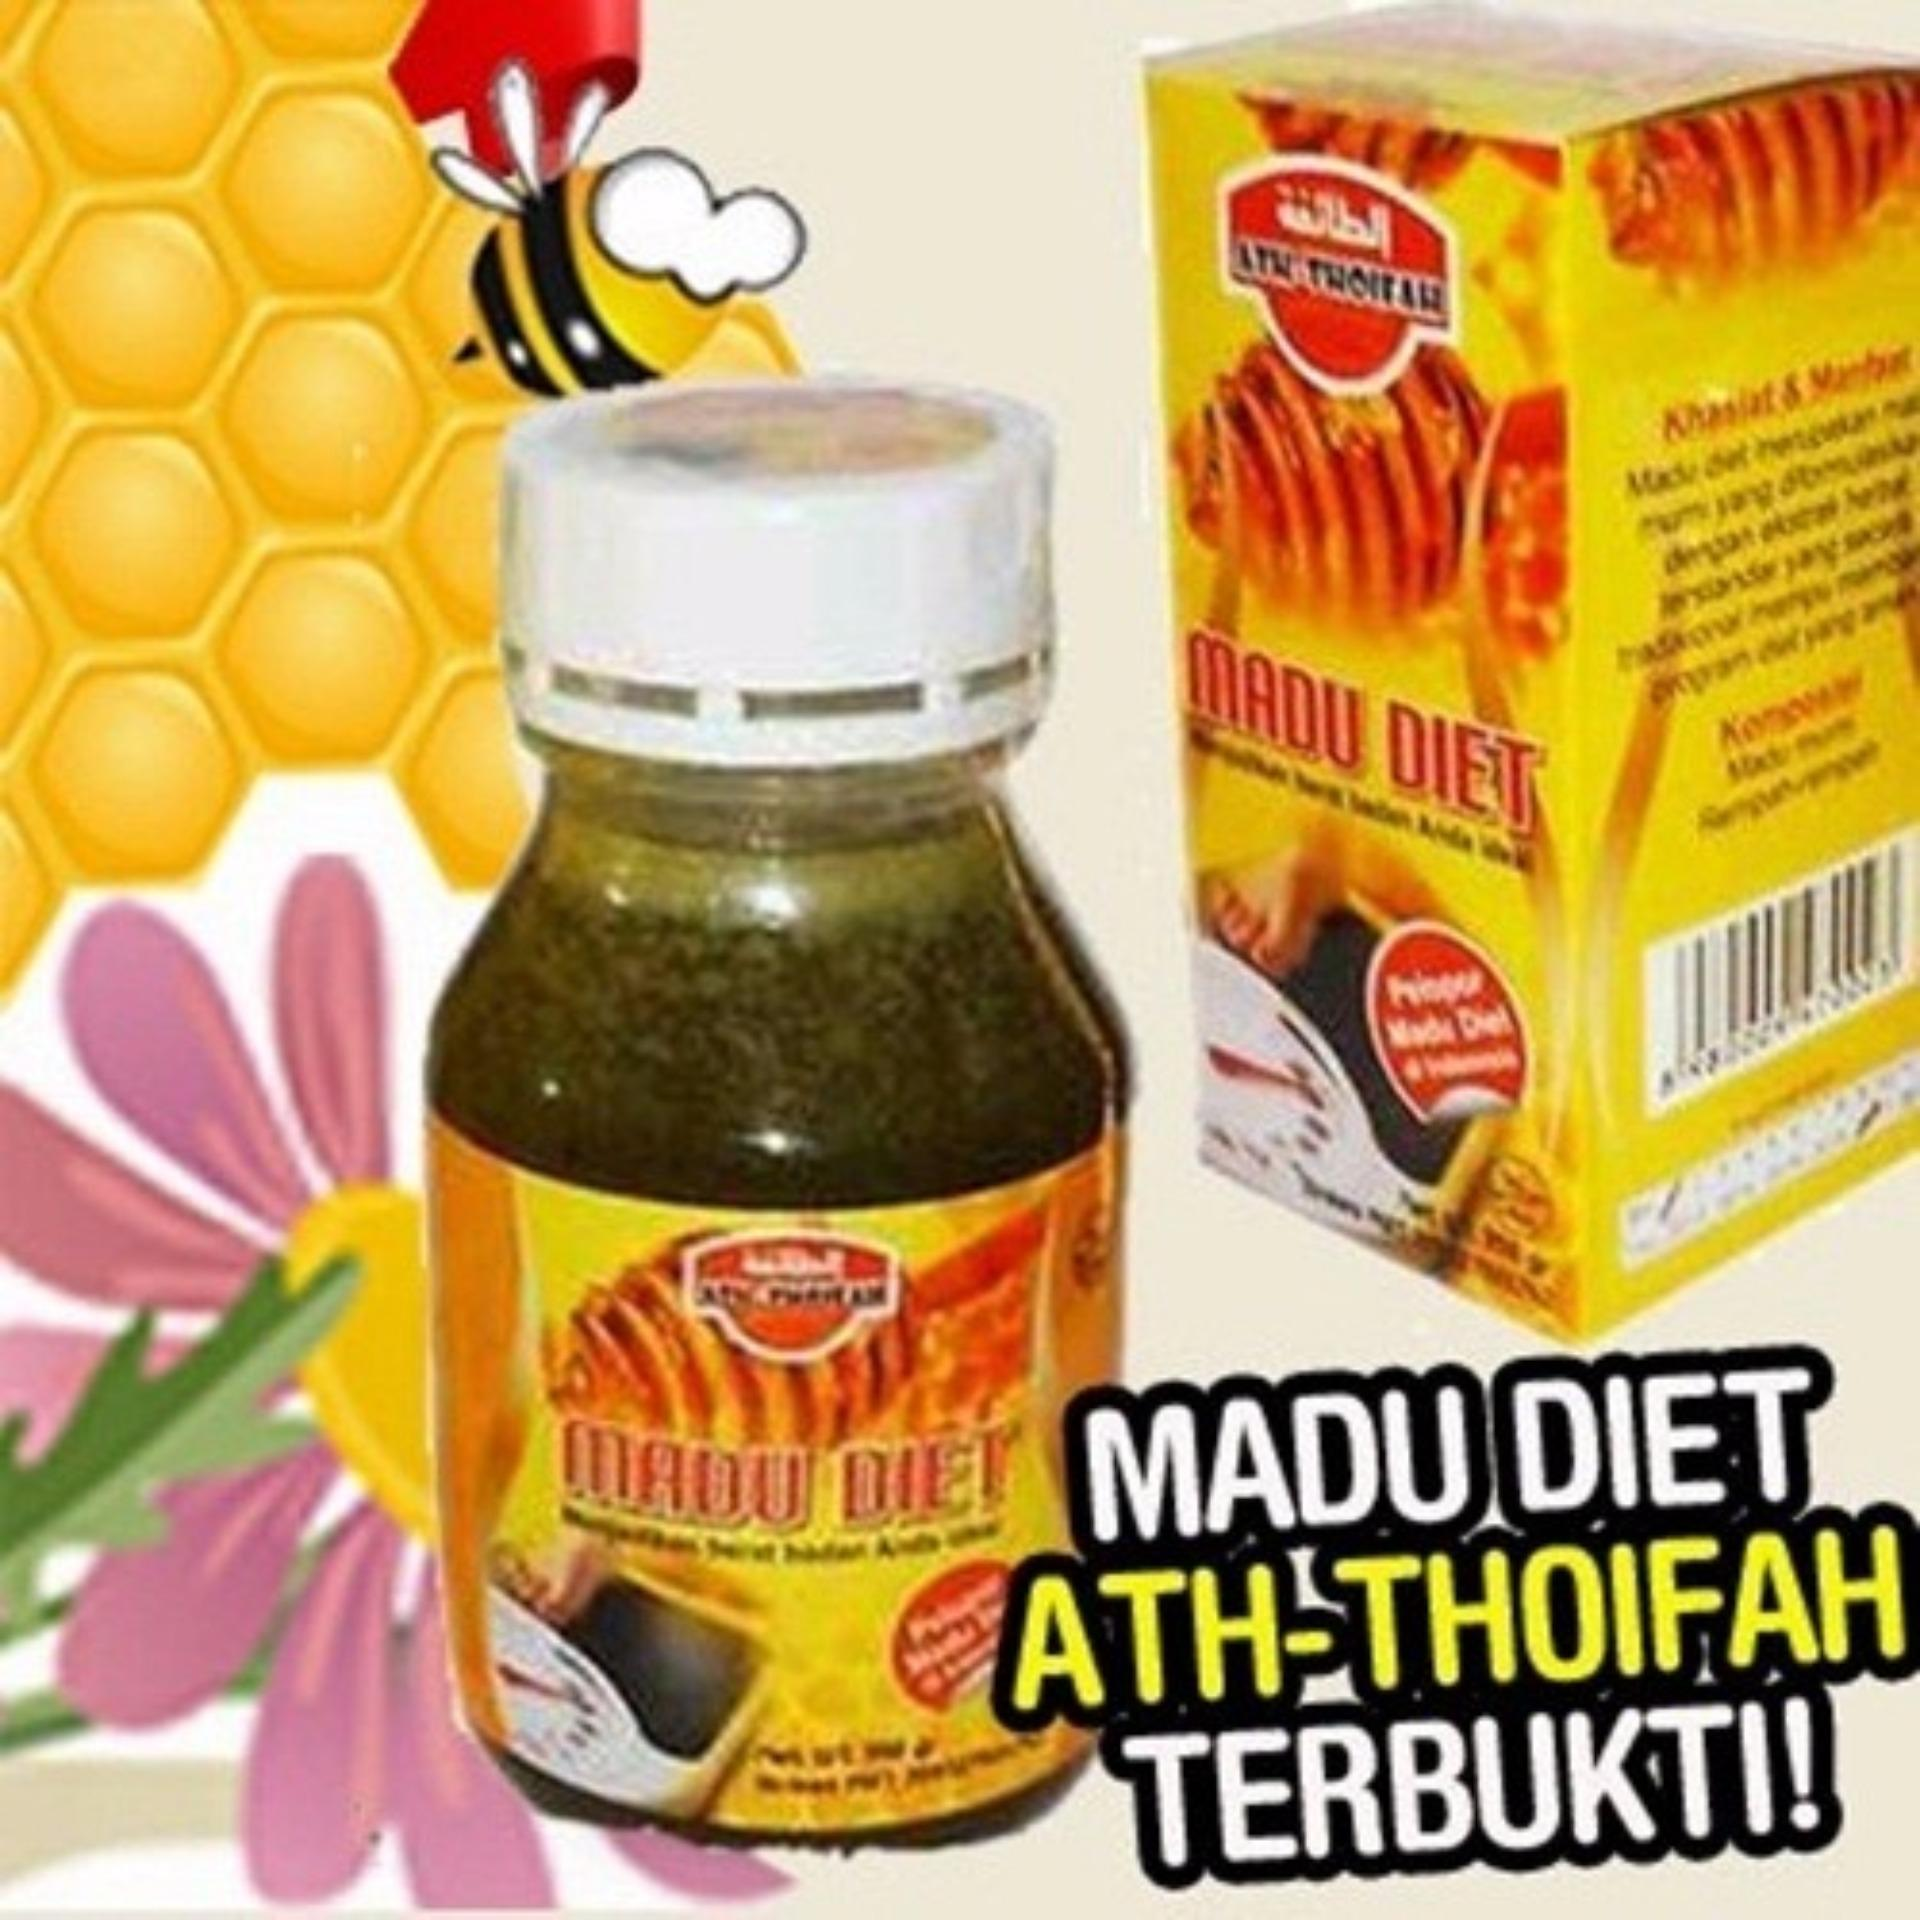 Madu Diet Langsing Herbal Pelangsing Tubuh Alami Halal 350gr Sehat Asli Original Murni 100% Honey